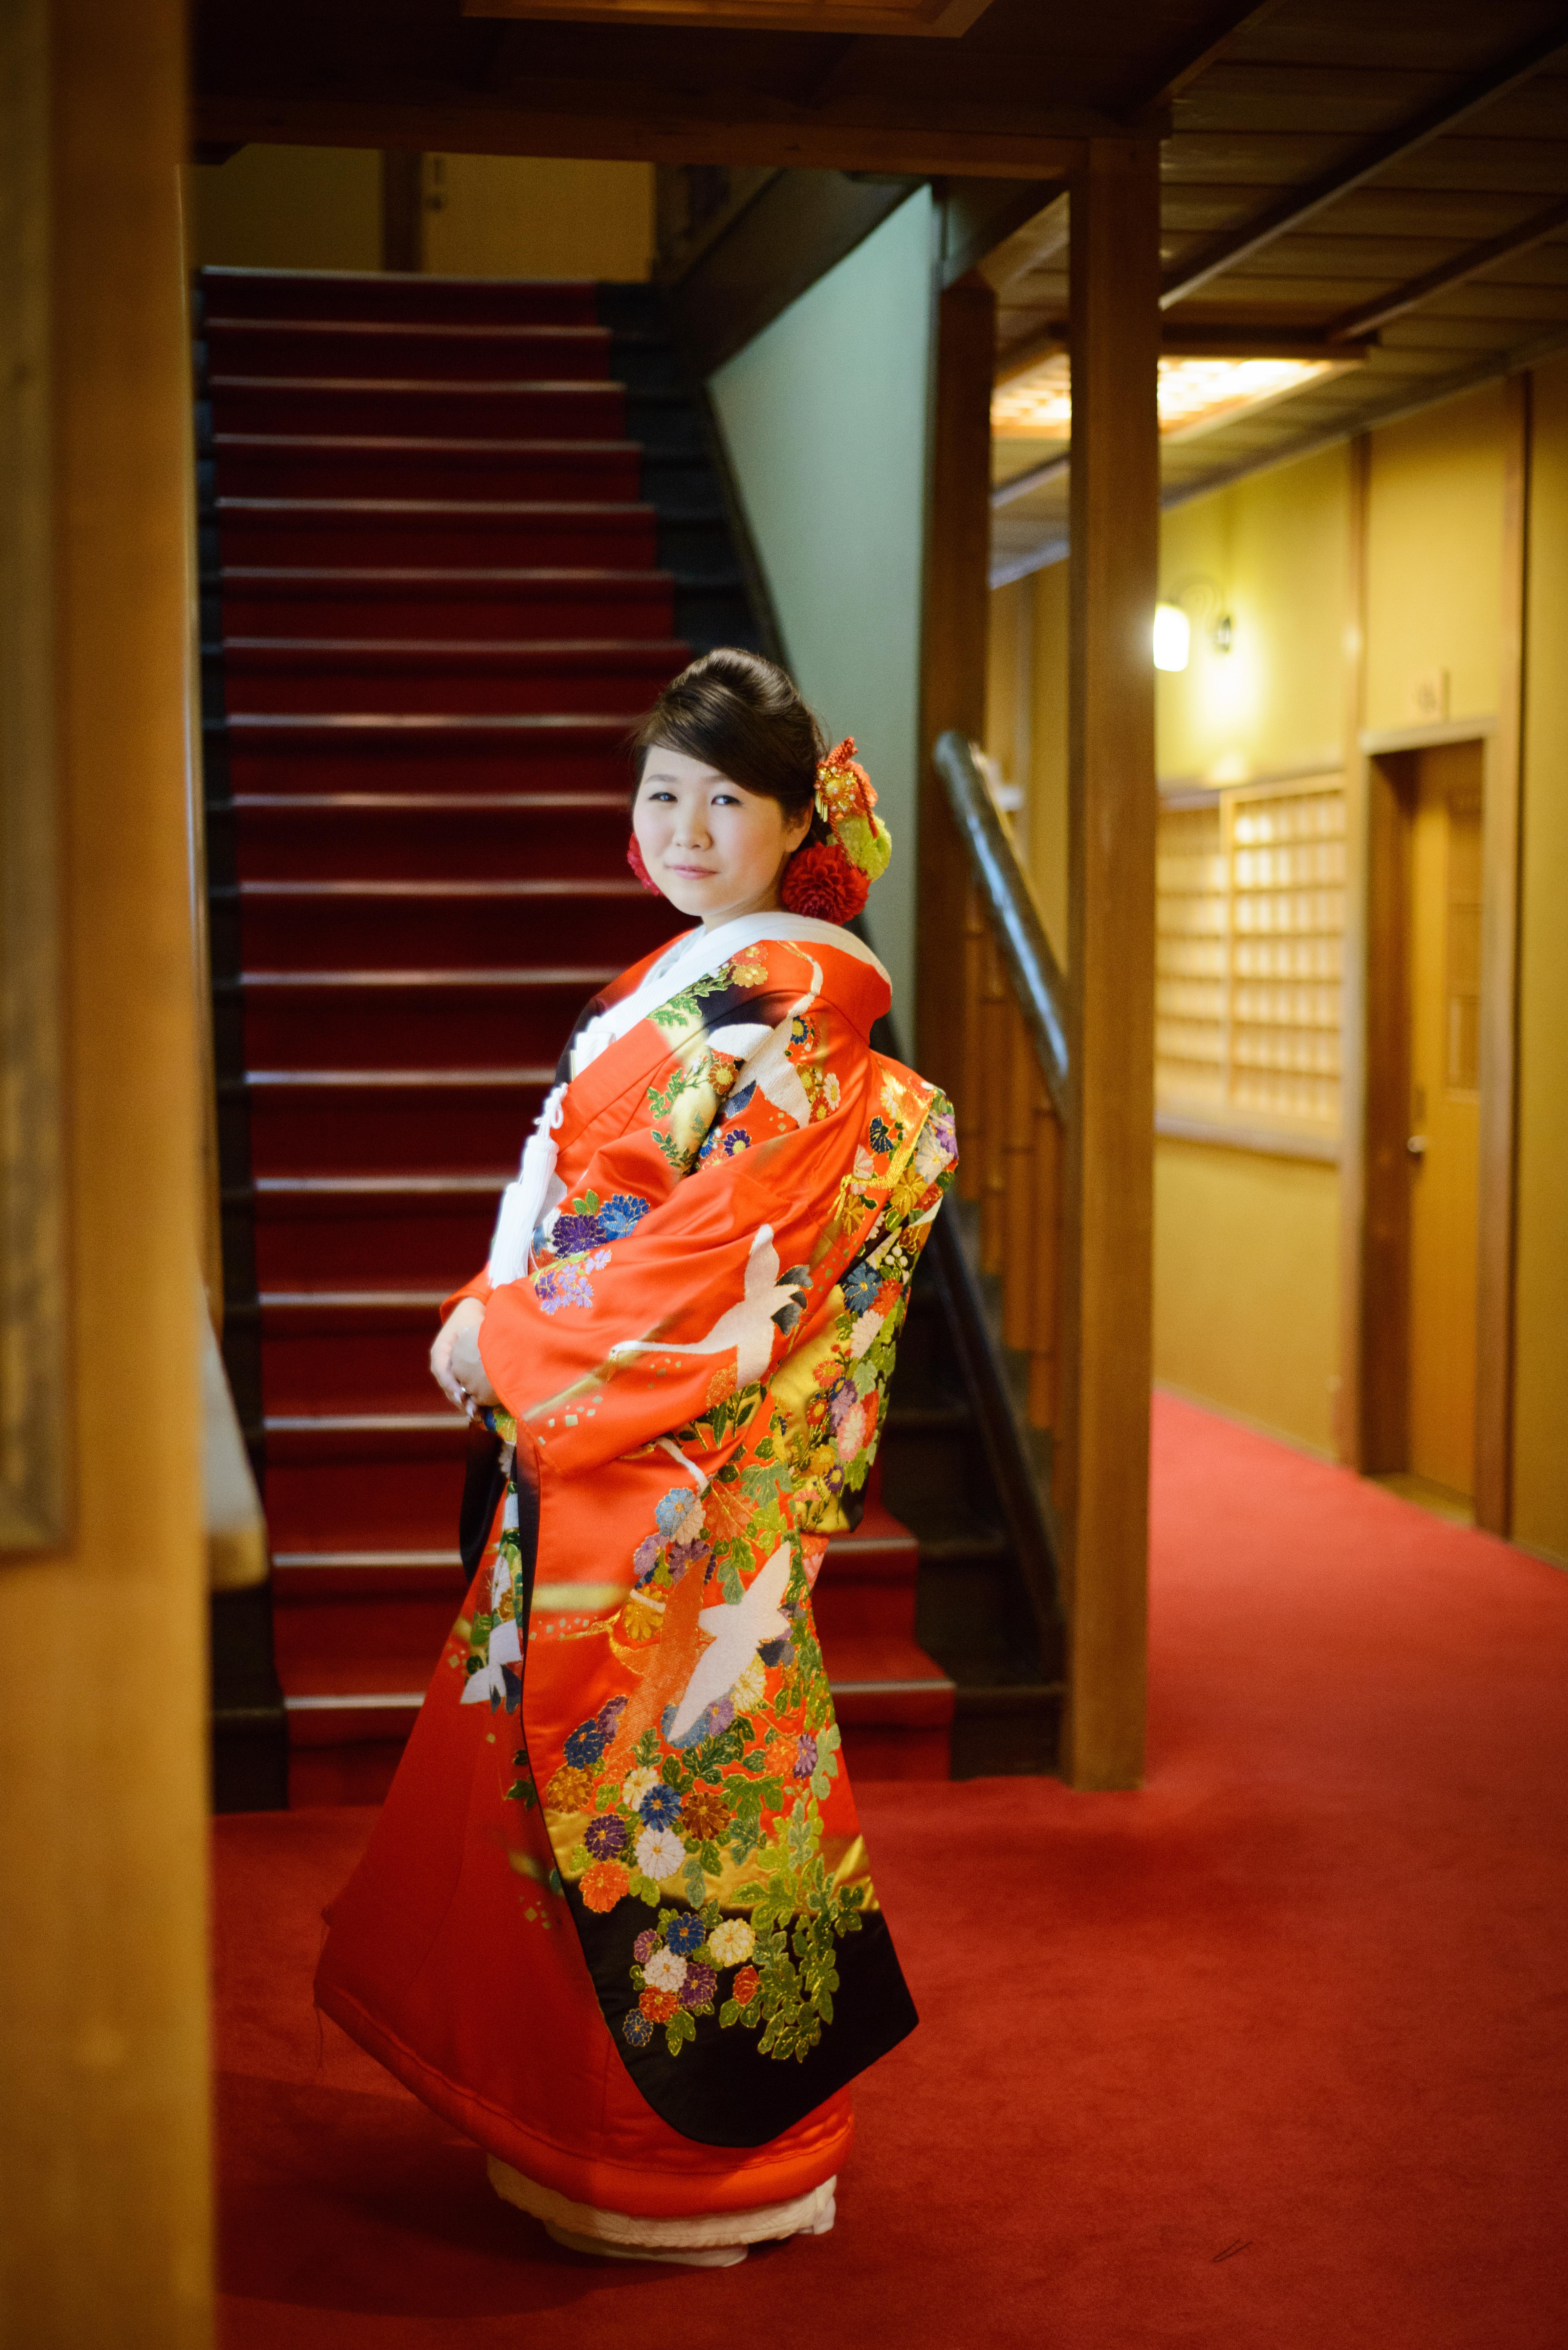 東京結婚式 東京祝言